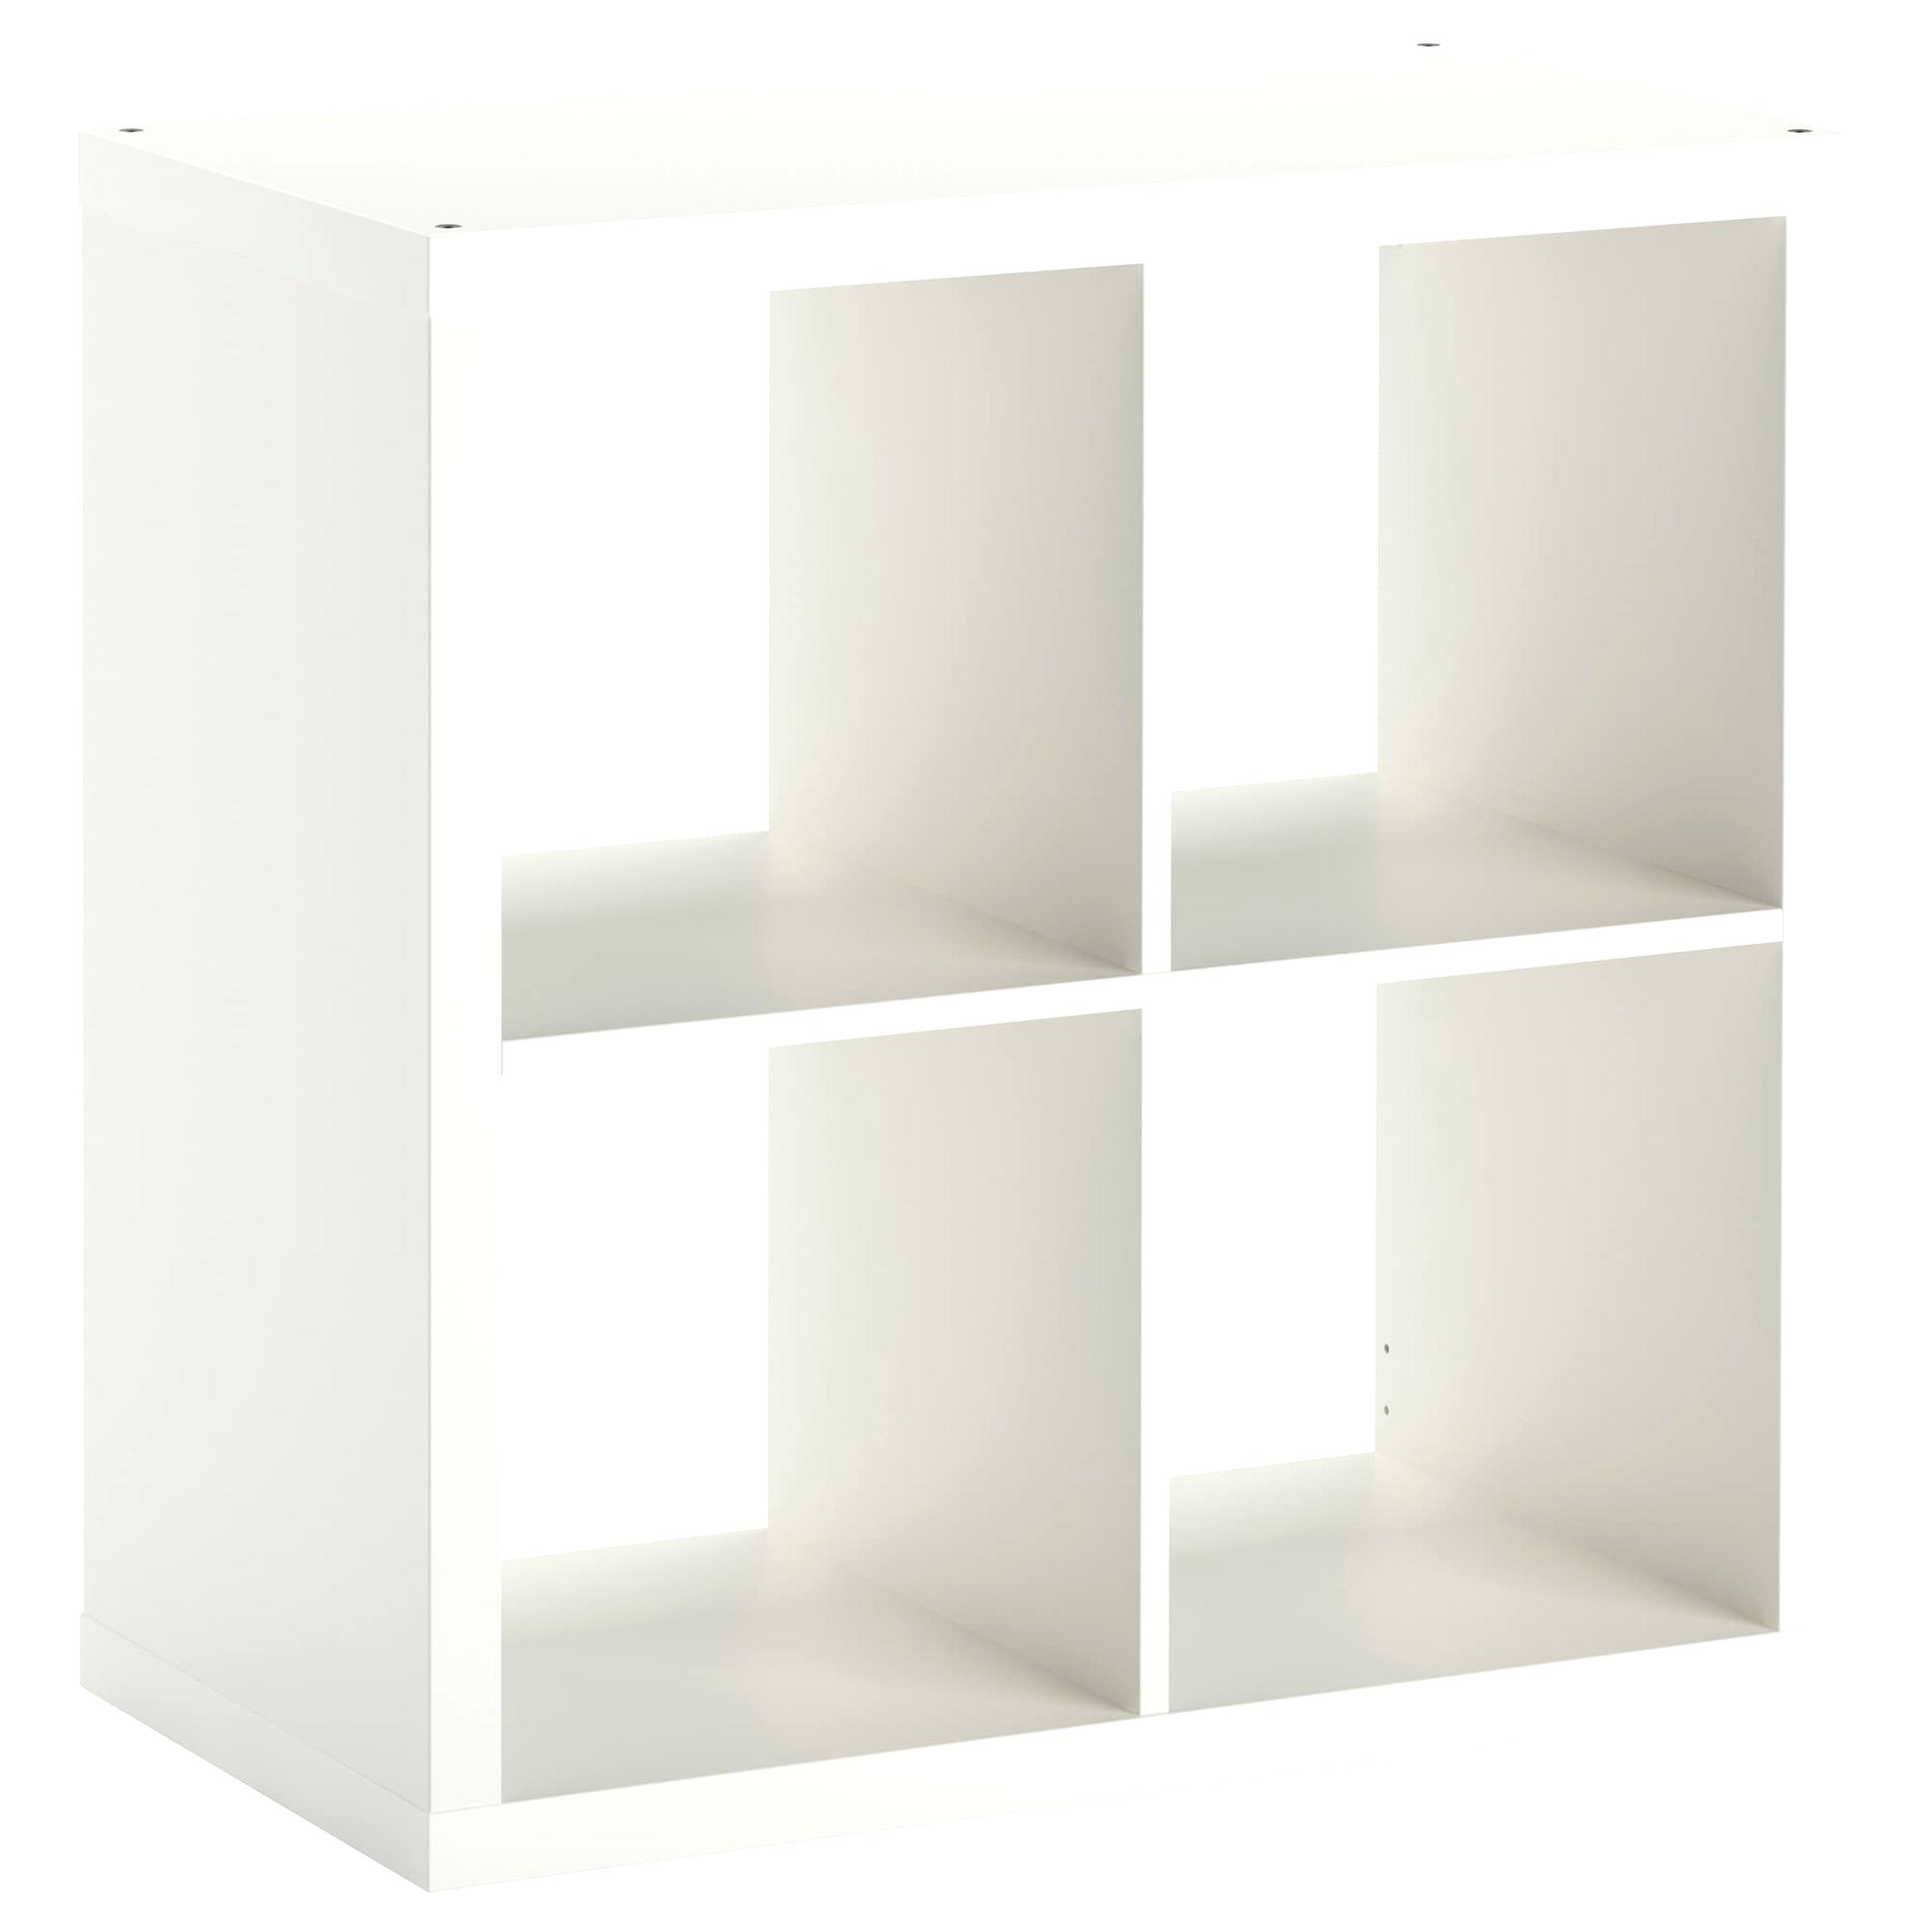 Ikea Meuble Blanc Laqué meuble ikea blanc d'occasion | plus que 2 à -70%